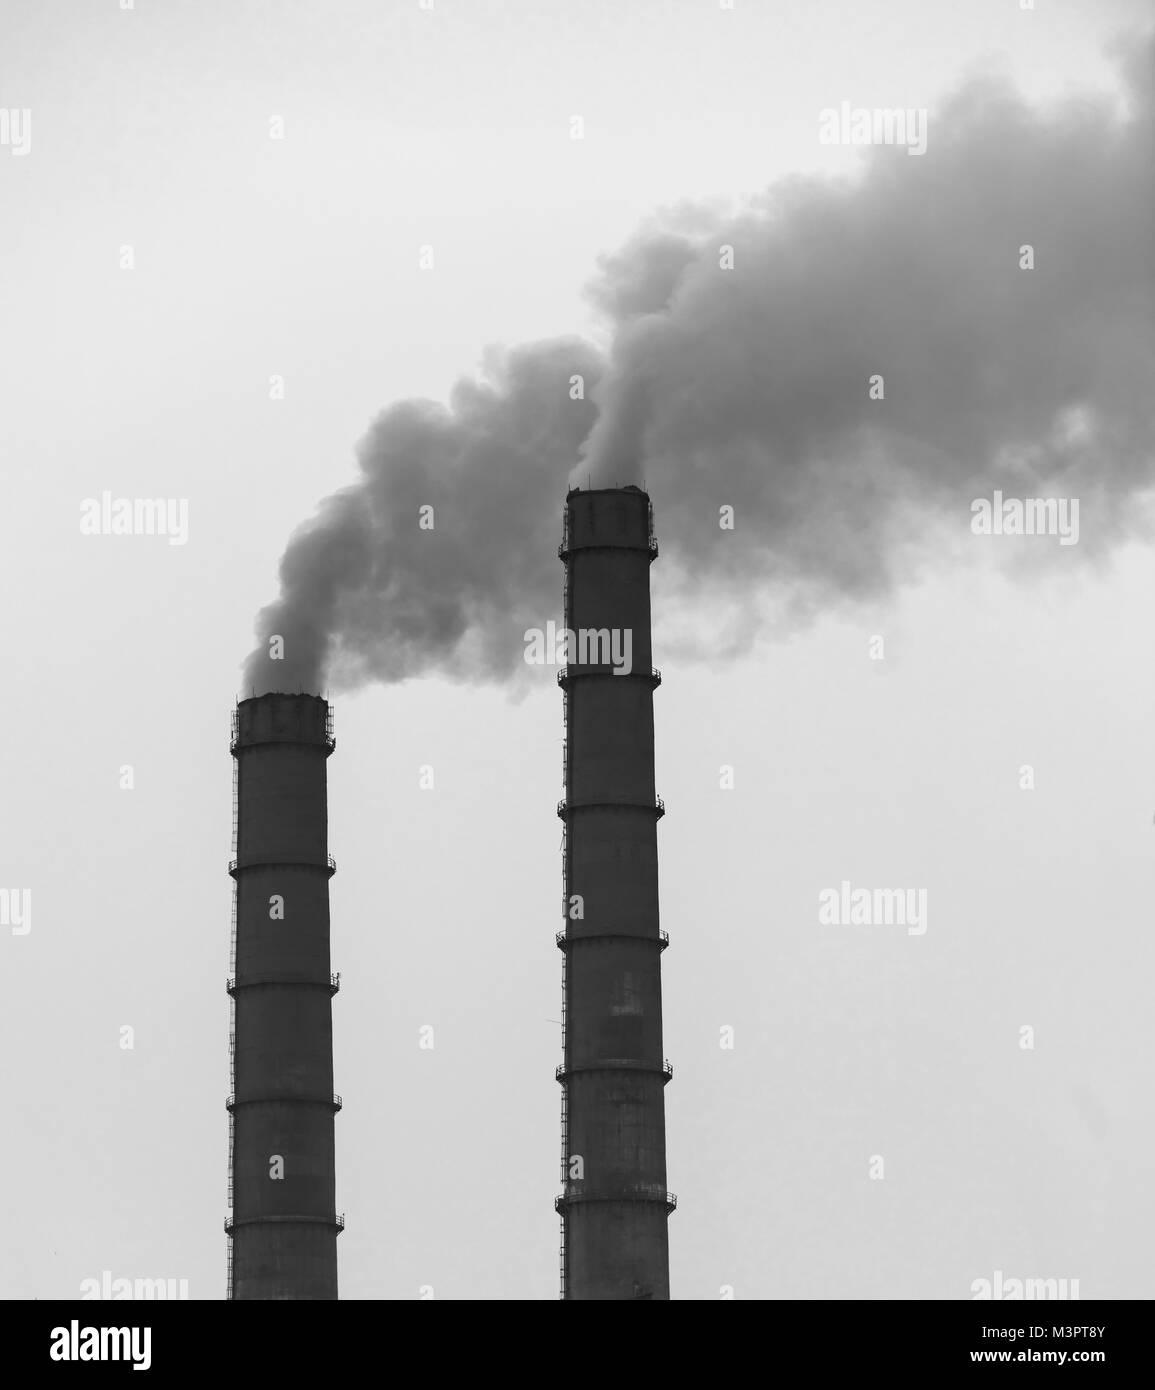 Rauch von der Fabrik Rohre. Ökologisches problem. Stockfoto